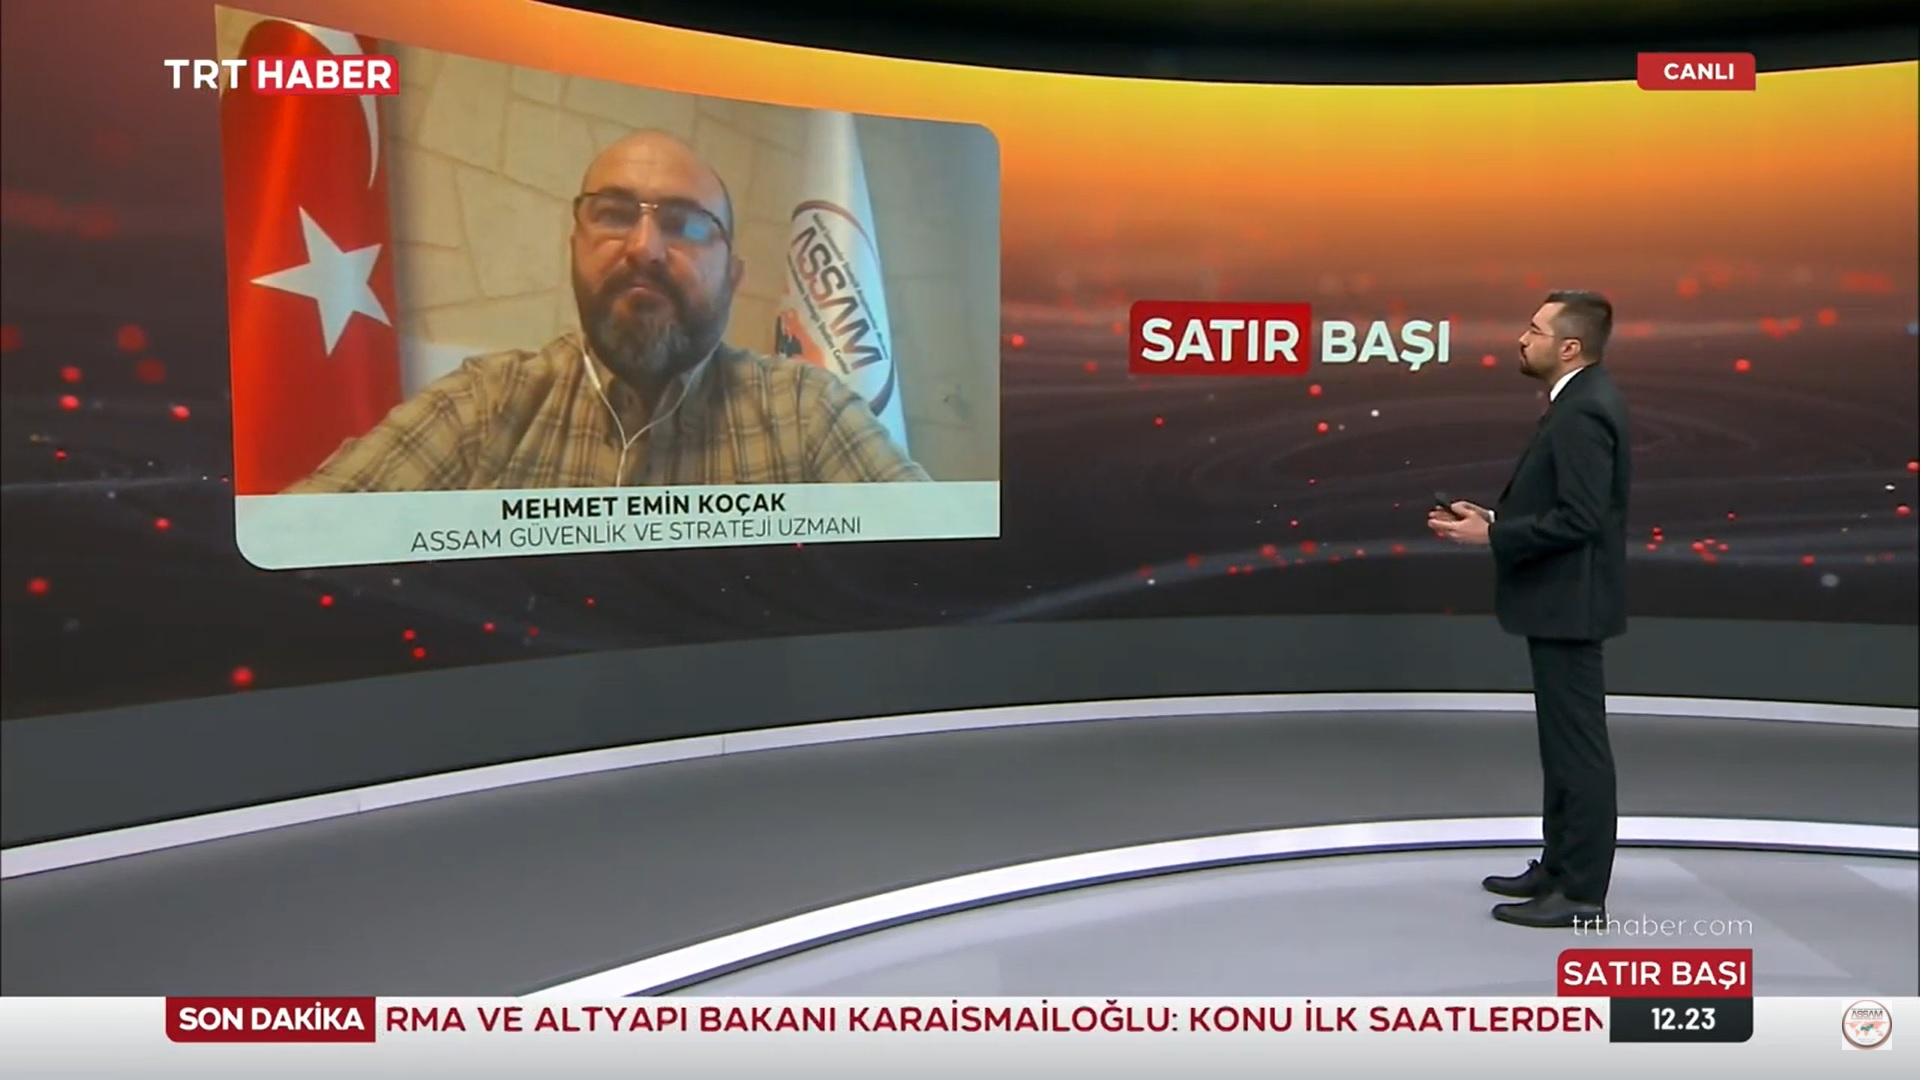 ASSAM Bşk. Yrd. Mehmet Emin KOÇAK TRT Haber-Satır Başı Programı